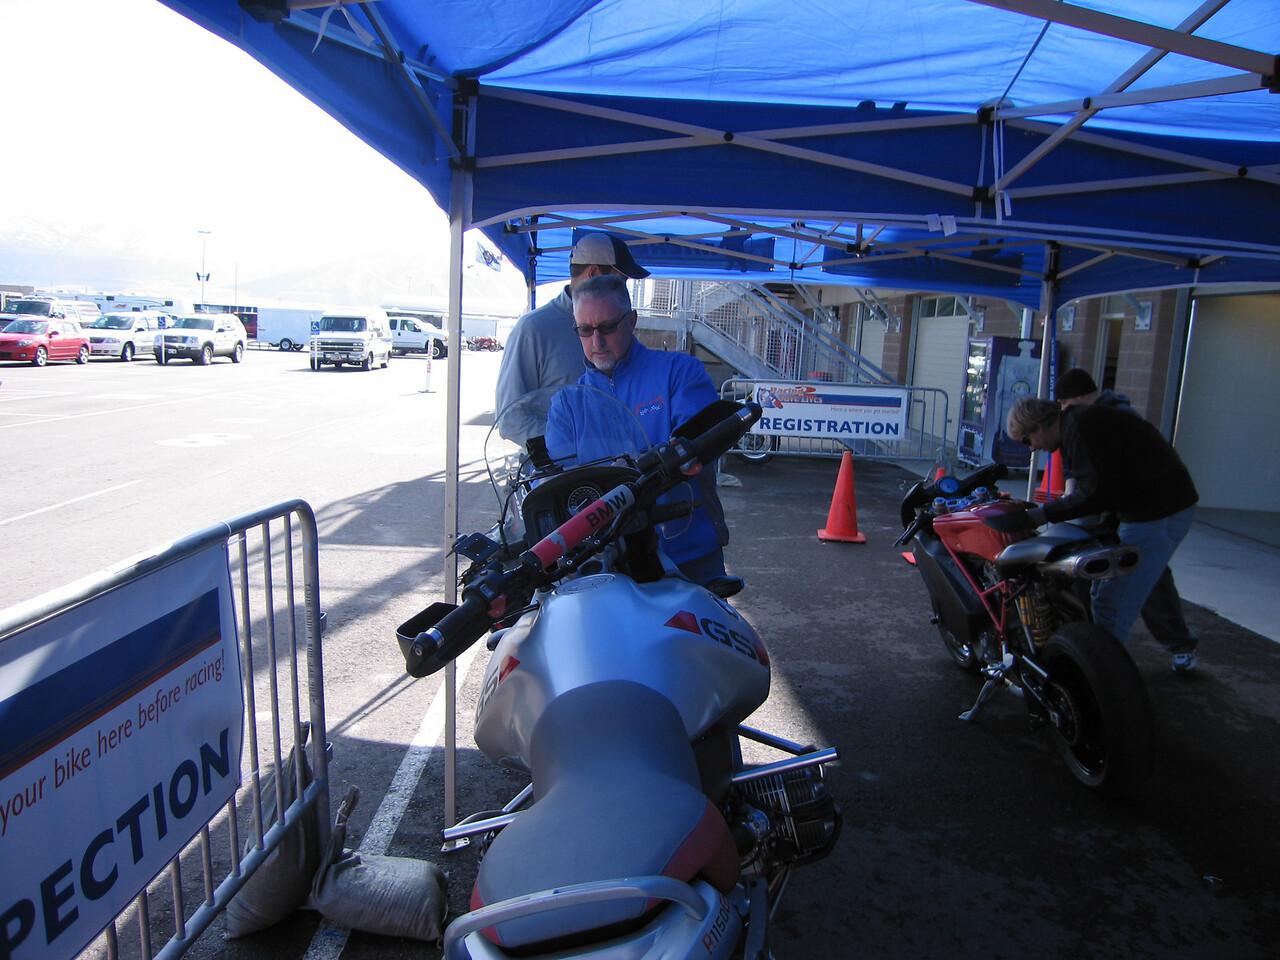 Scott's bike gets the approval sticker